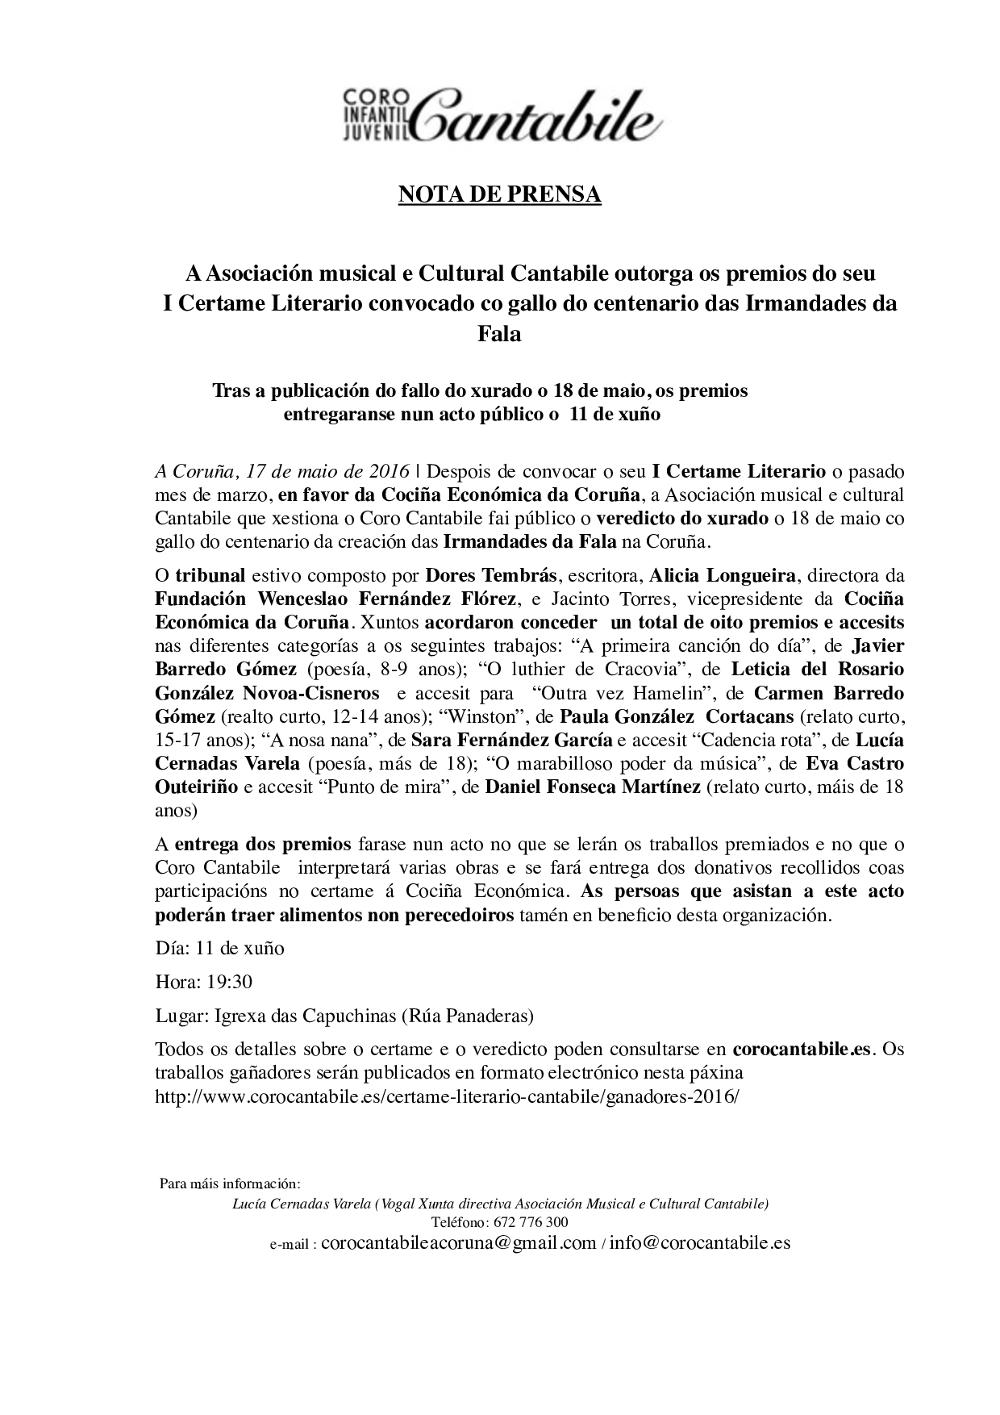 Nota_prensa_Certame_LiterarioCantabile_Galego